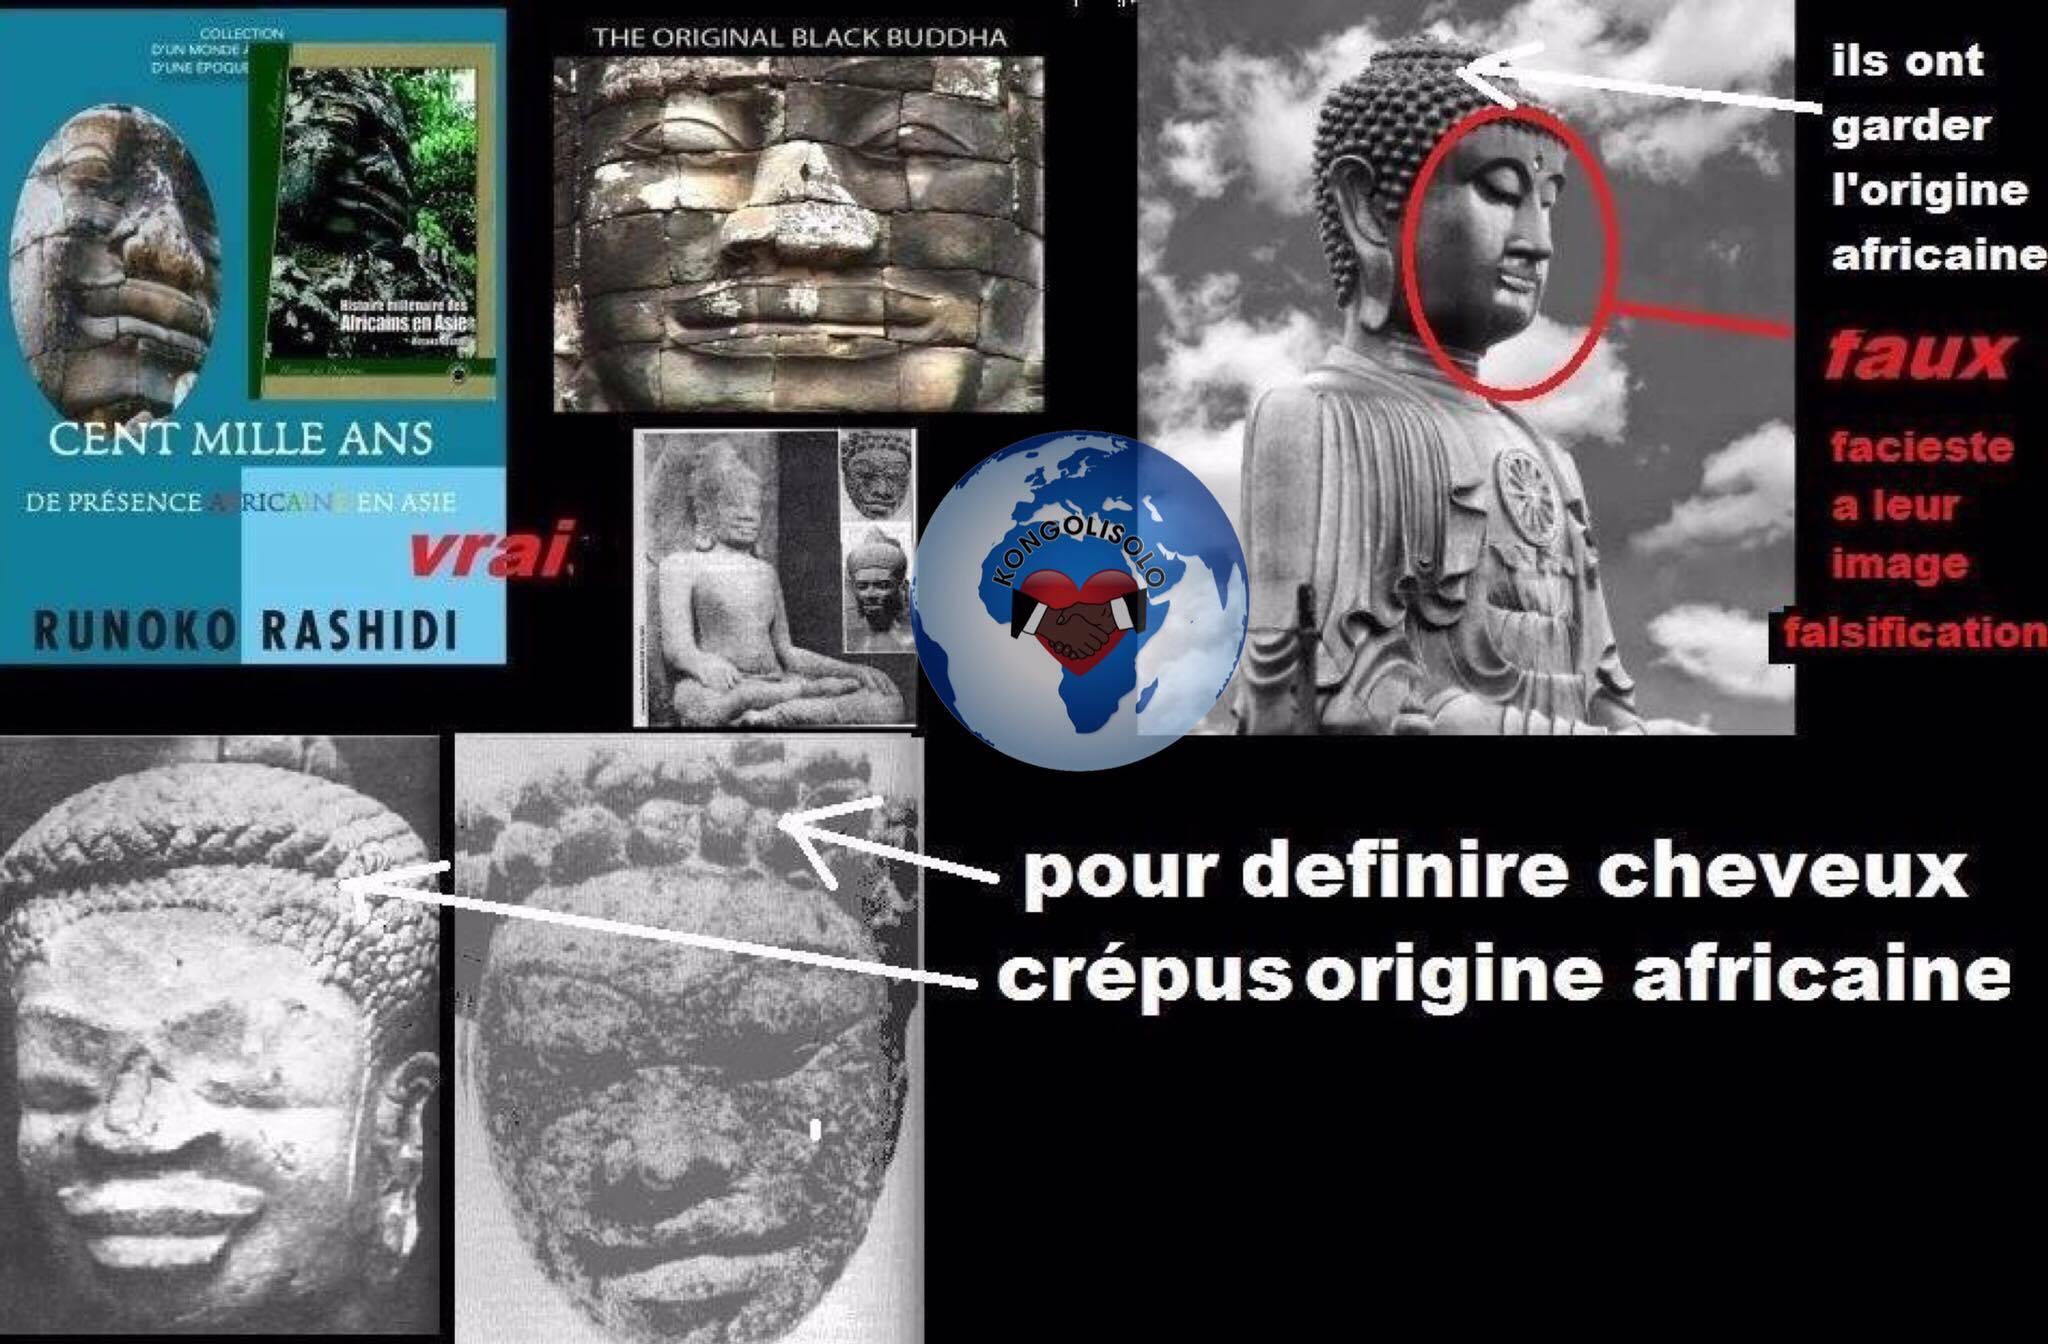 Bouddha l'Africain : la présence des Noirs en Asie et leur rôle fondateur dans l'émergence de quelques-unes des plus brillantes civilisations d'Asie (asiatiques) ont laissé des traces impérissables